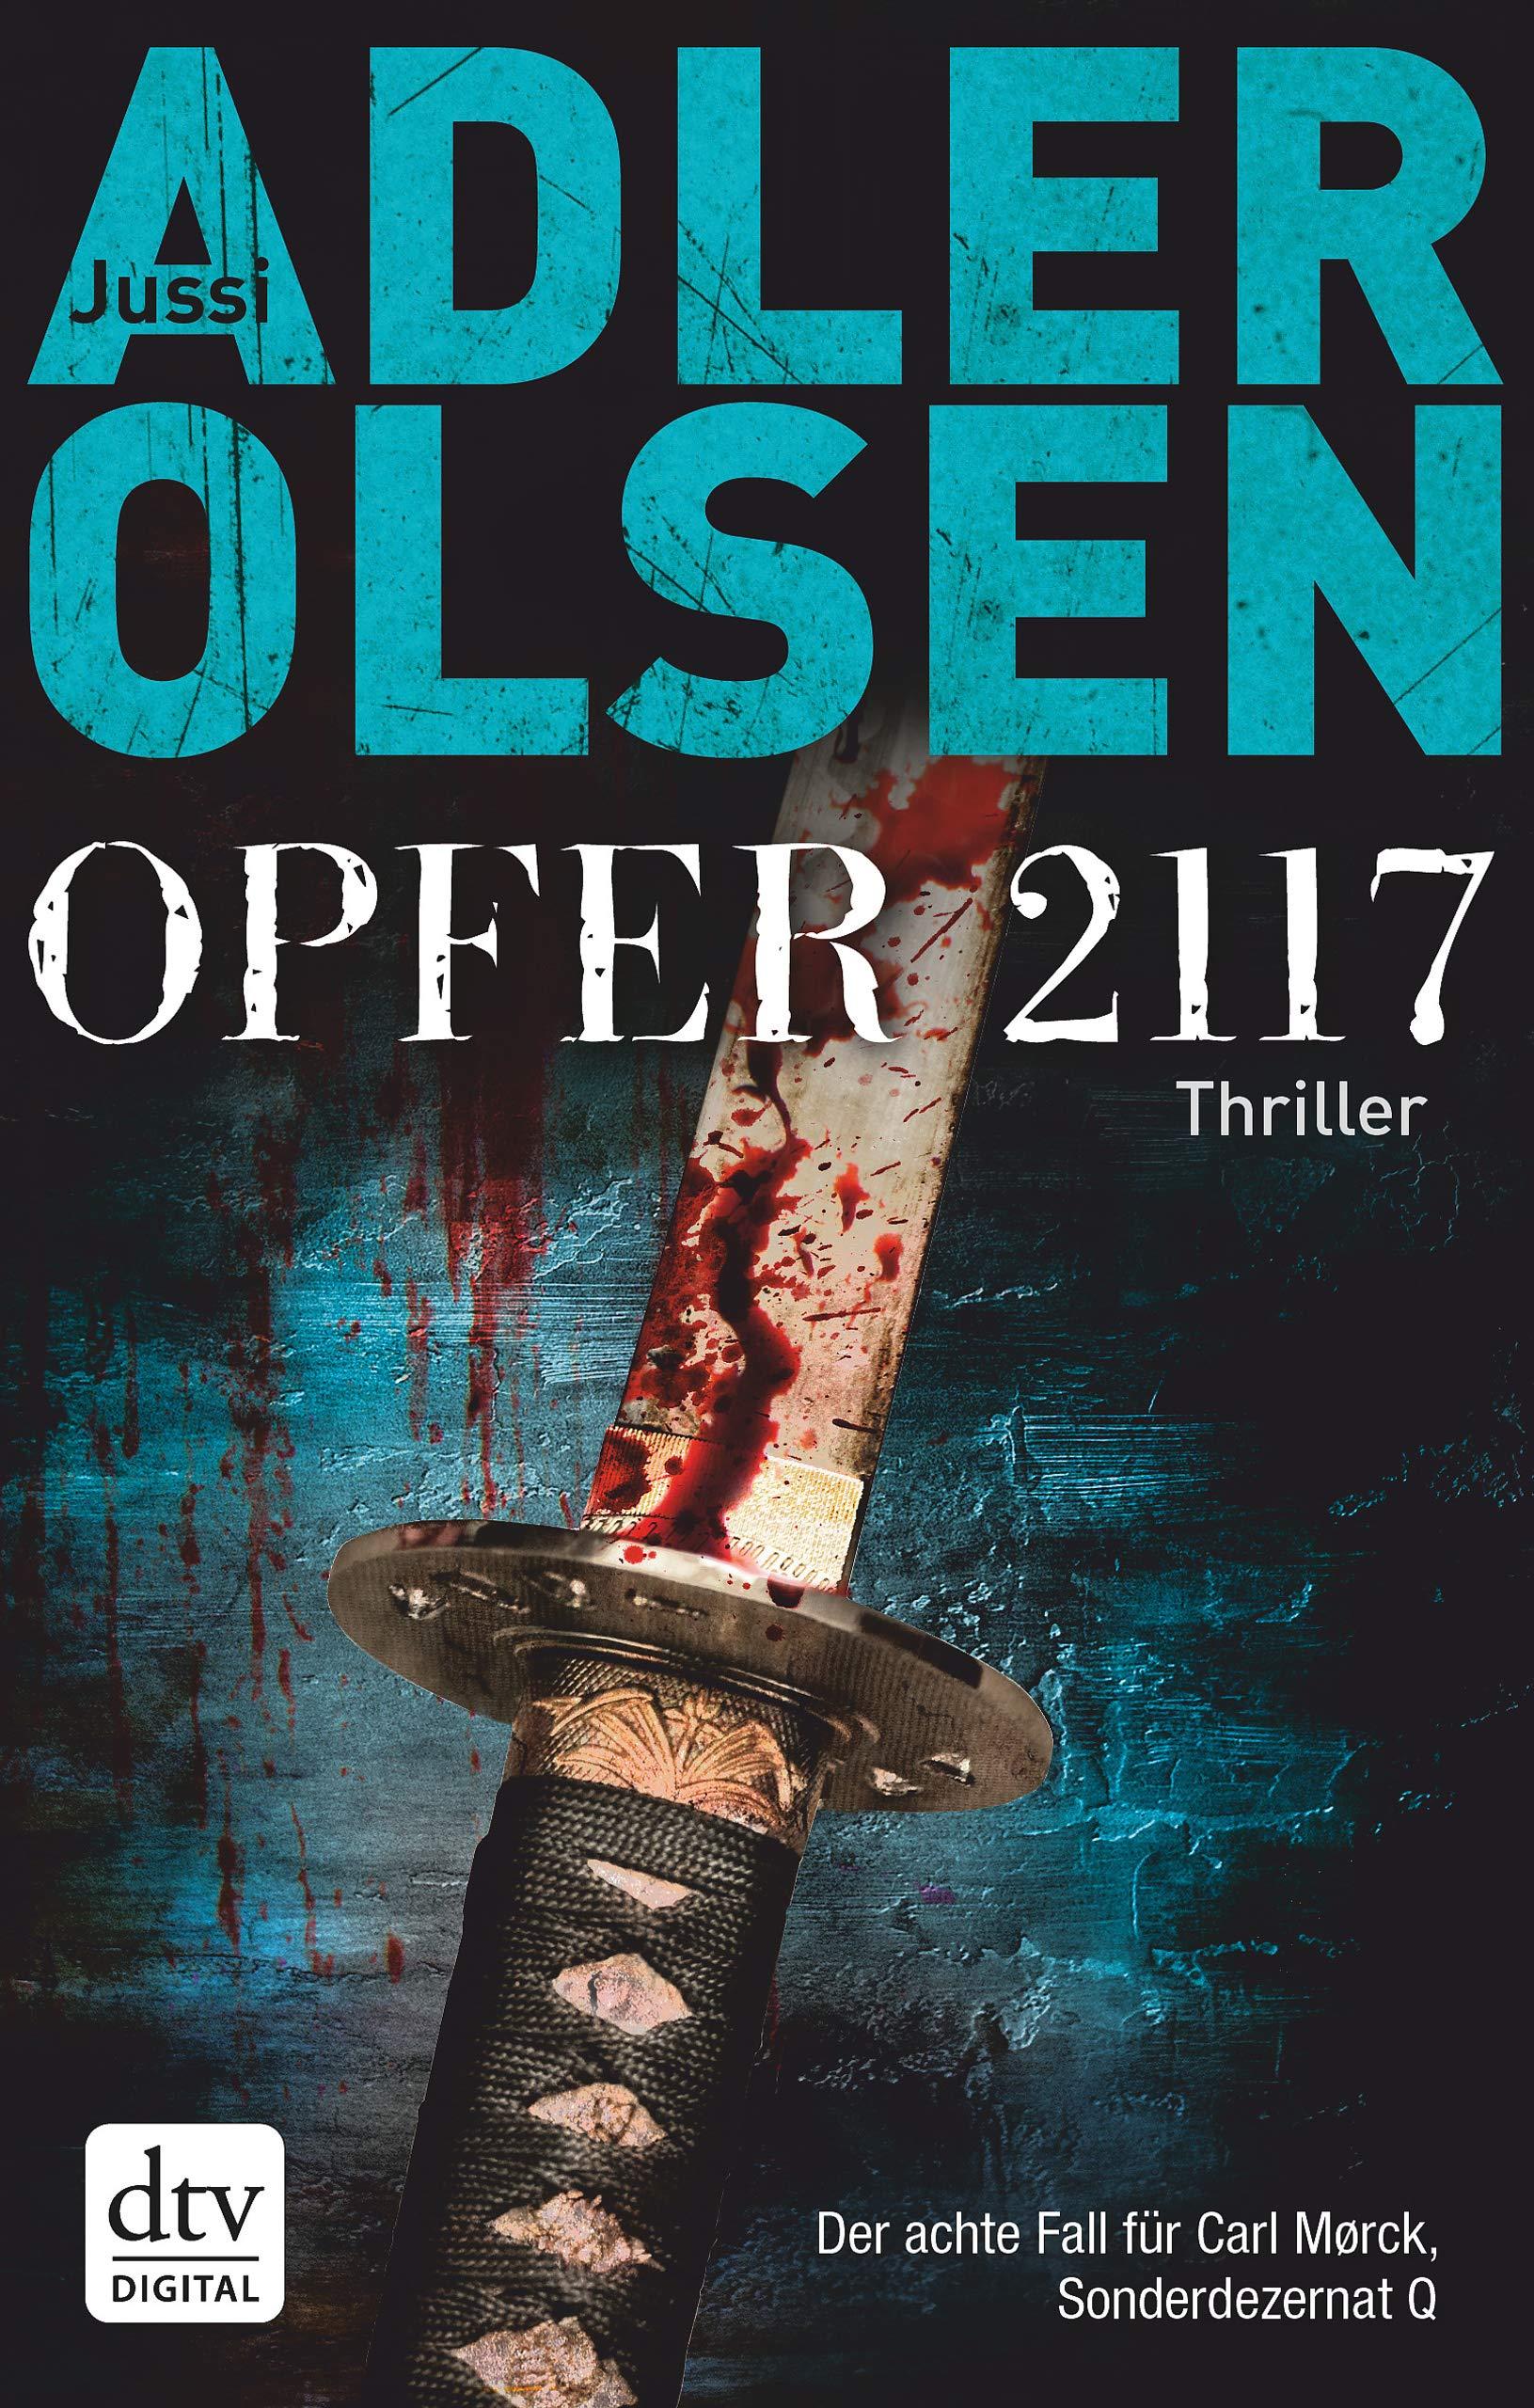 Opfer 2117: Thriller – Der achte Fall für das Sonderdezernat Q (Carl Mørck 8)